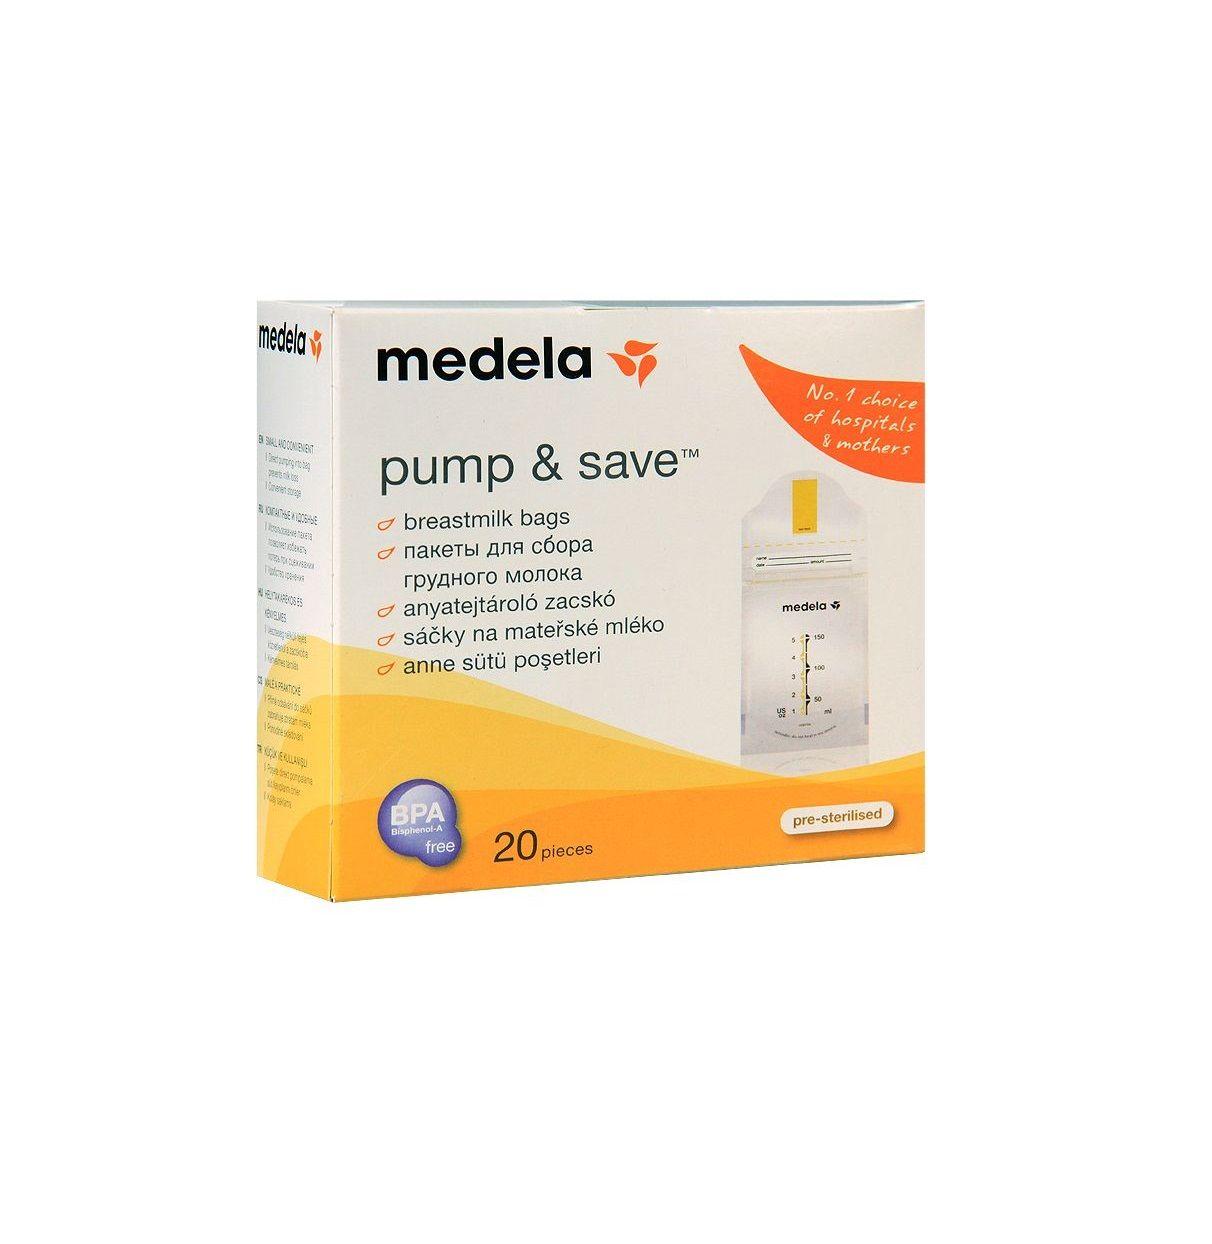 Medela Пакеты для хранения грудного молока, одноразовый (-ая, -ое, -ые), 20 шт.